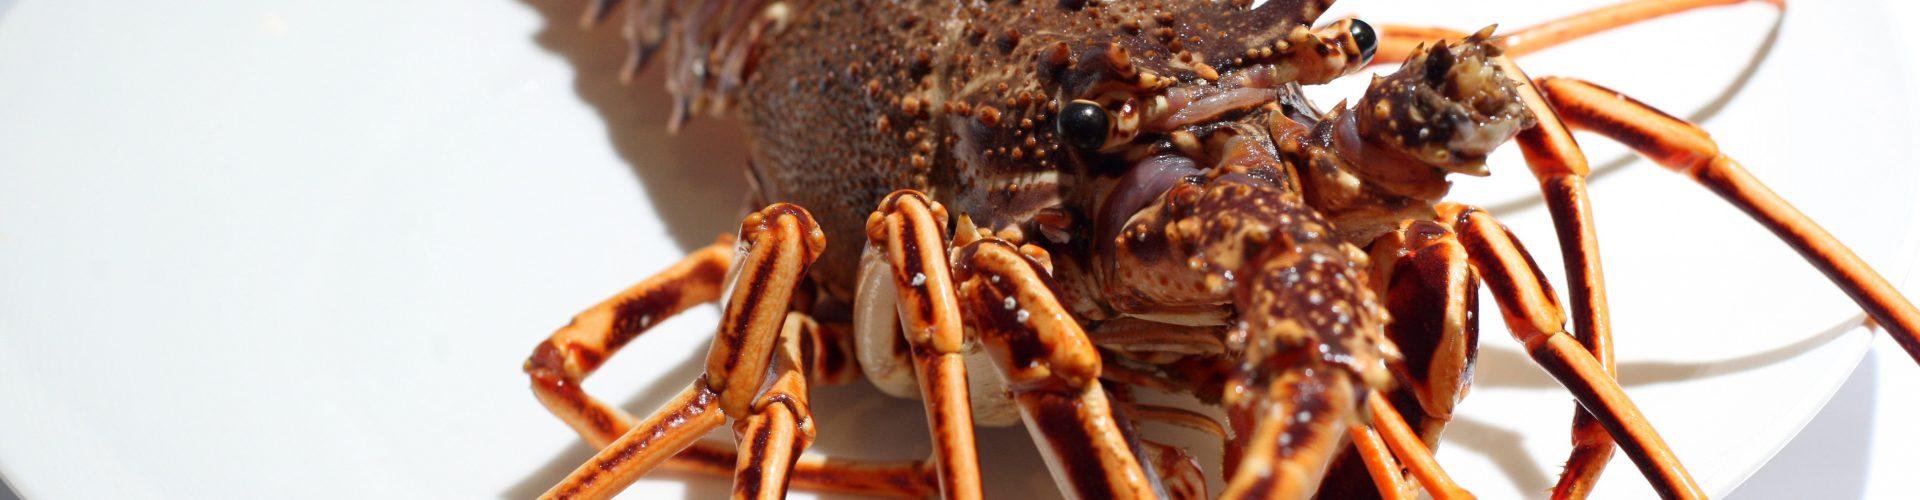 Cultura gastronómica| Langosta del Cantábrico